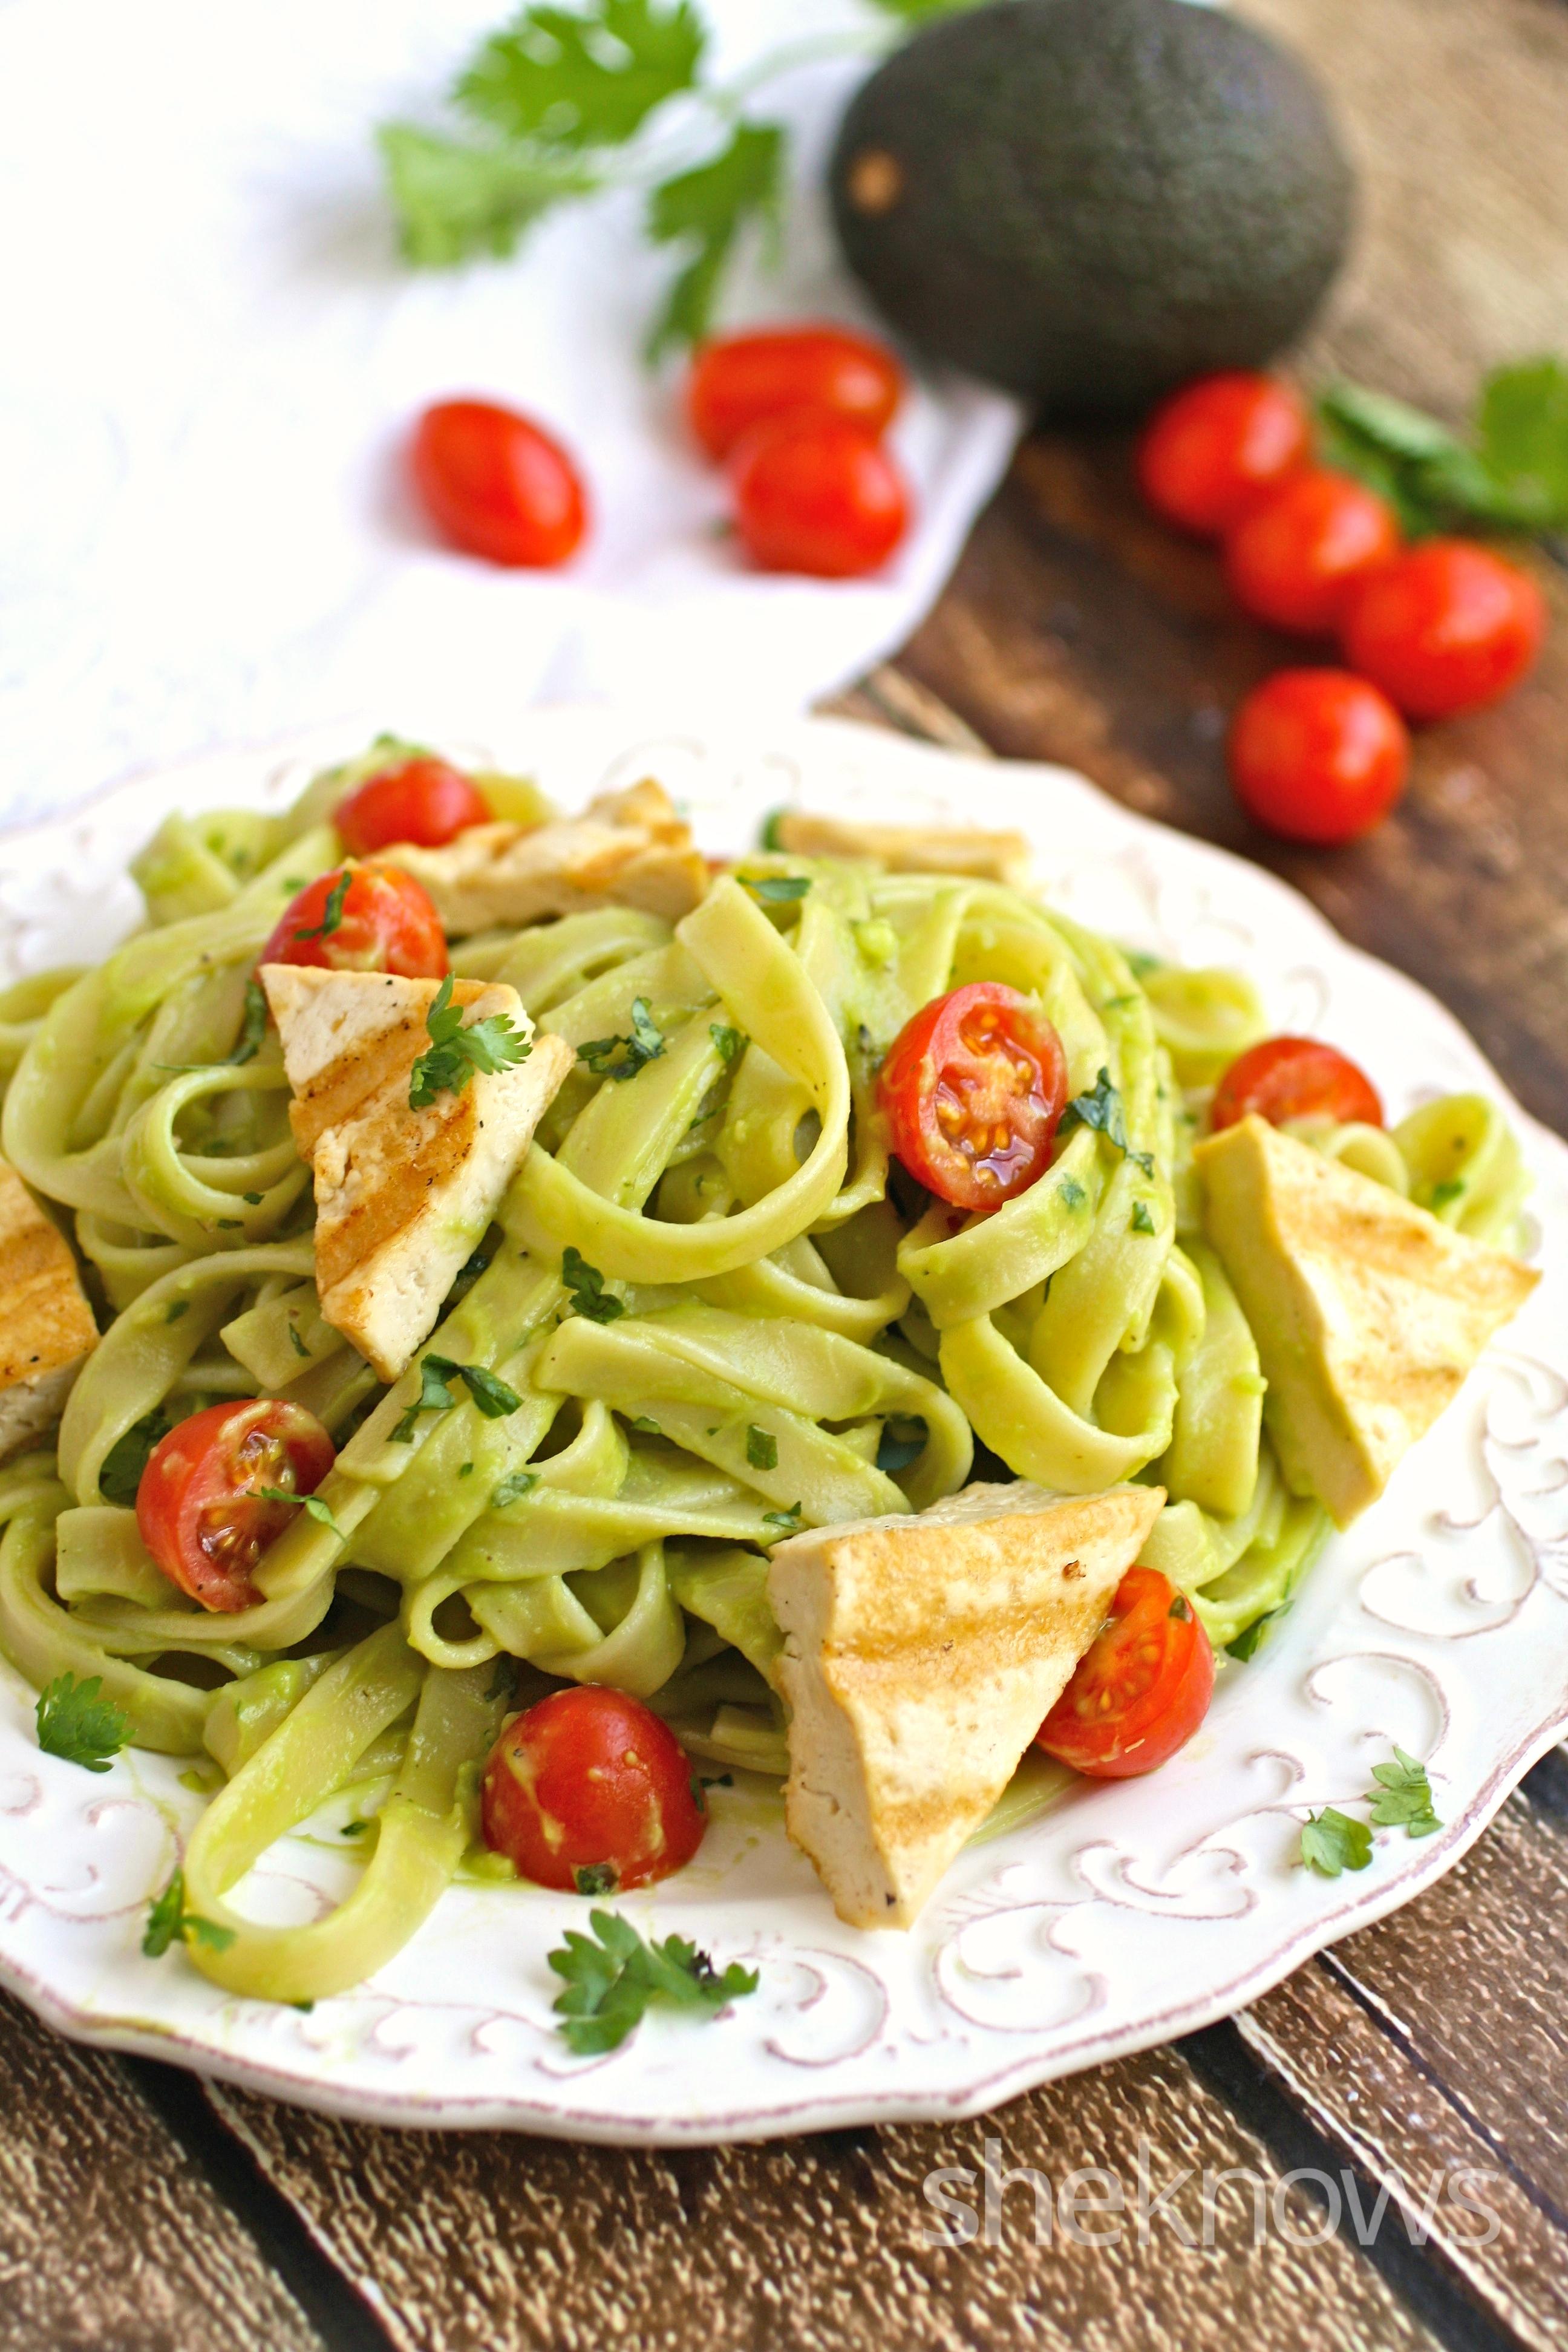 Creamy-cilantro-avocado-noodles-grilled-tofu